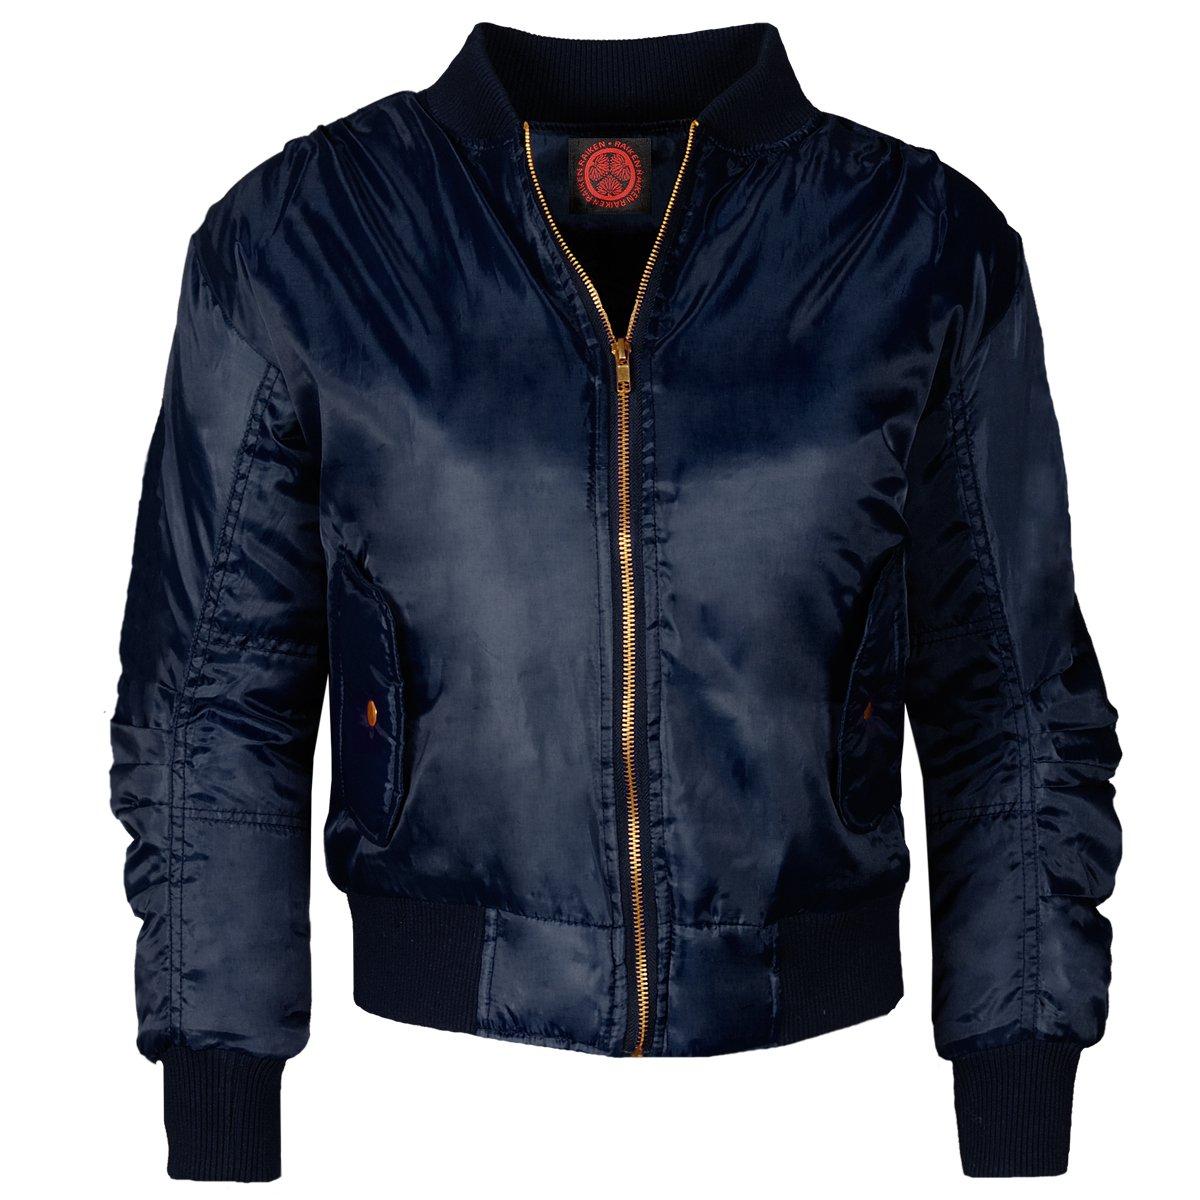 Raiken MA1 Retro Fit Bomber Pleated Biker Arm Pilot Designer Jacket Coat  Size: Amazon.co.uk: Clothing